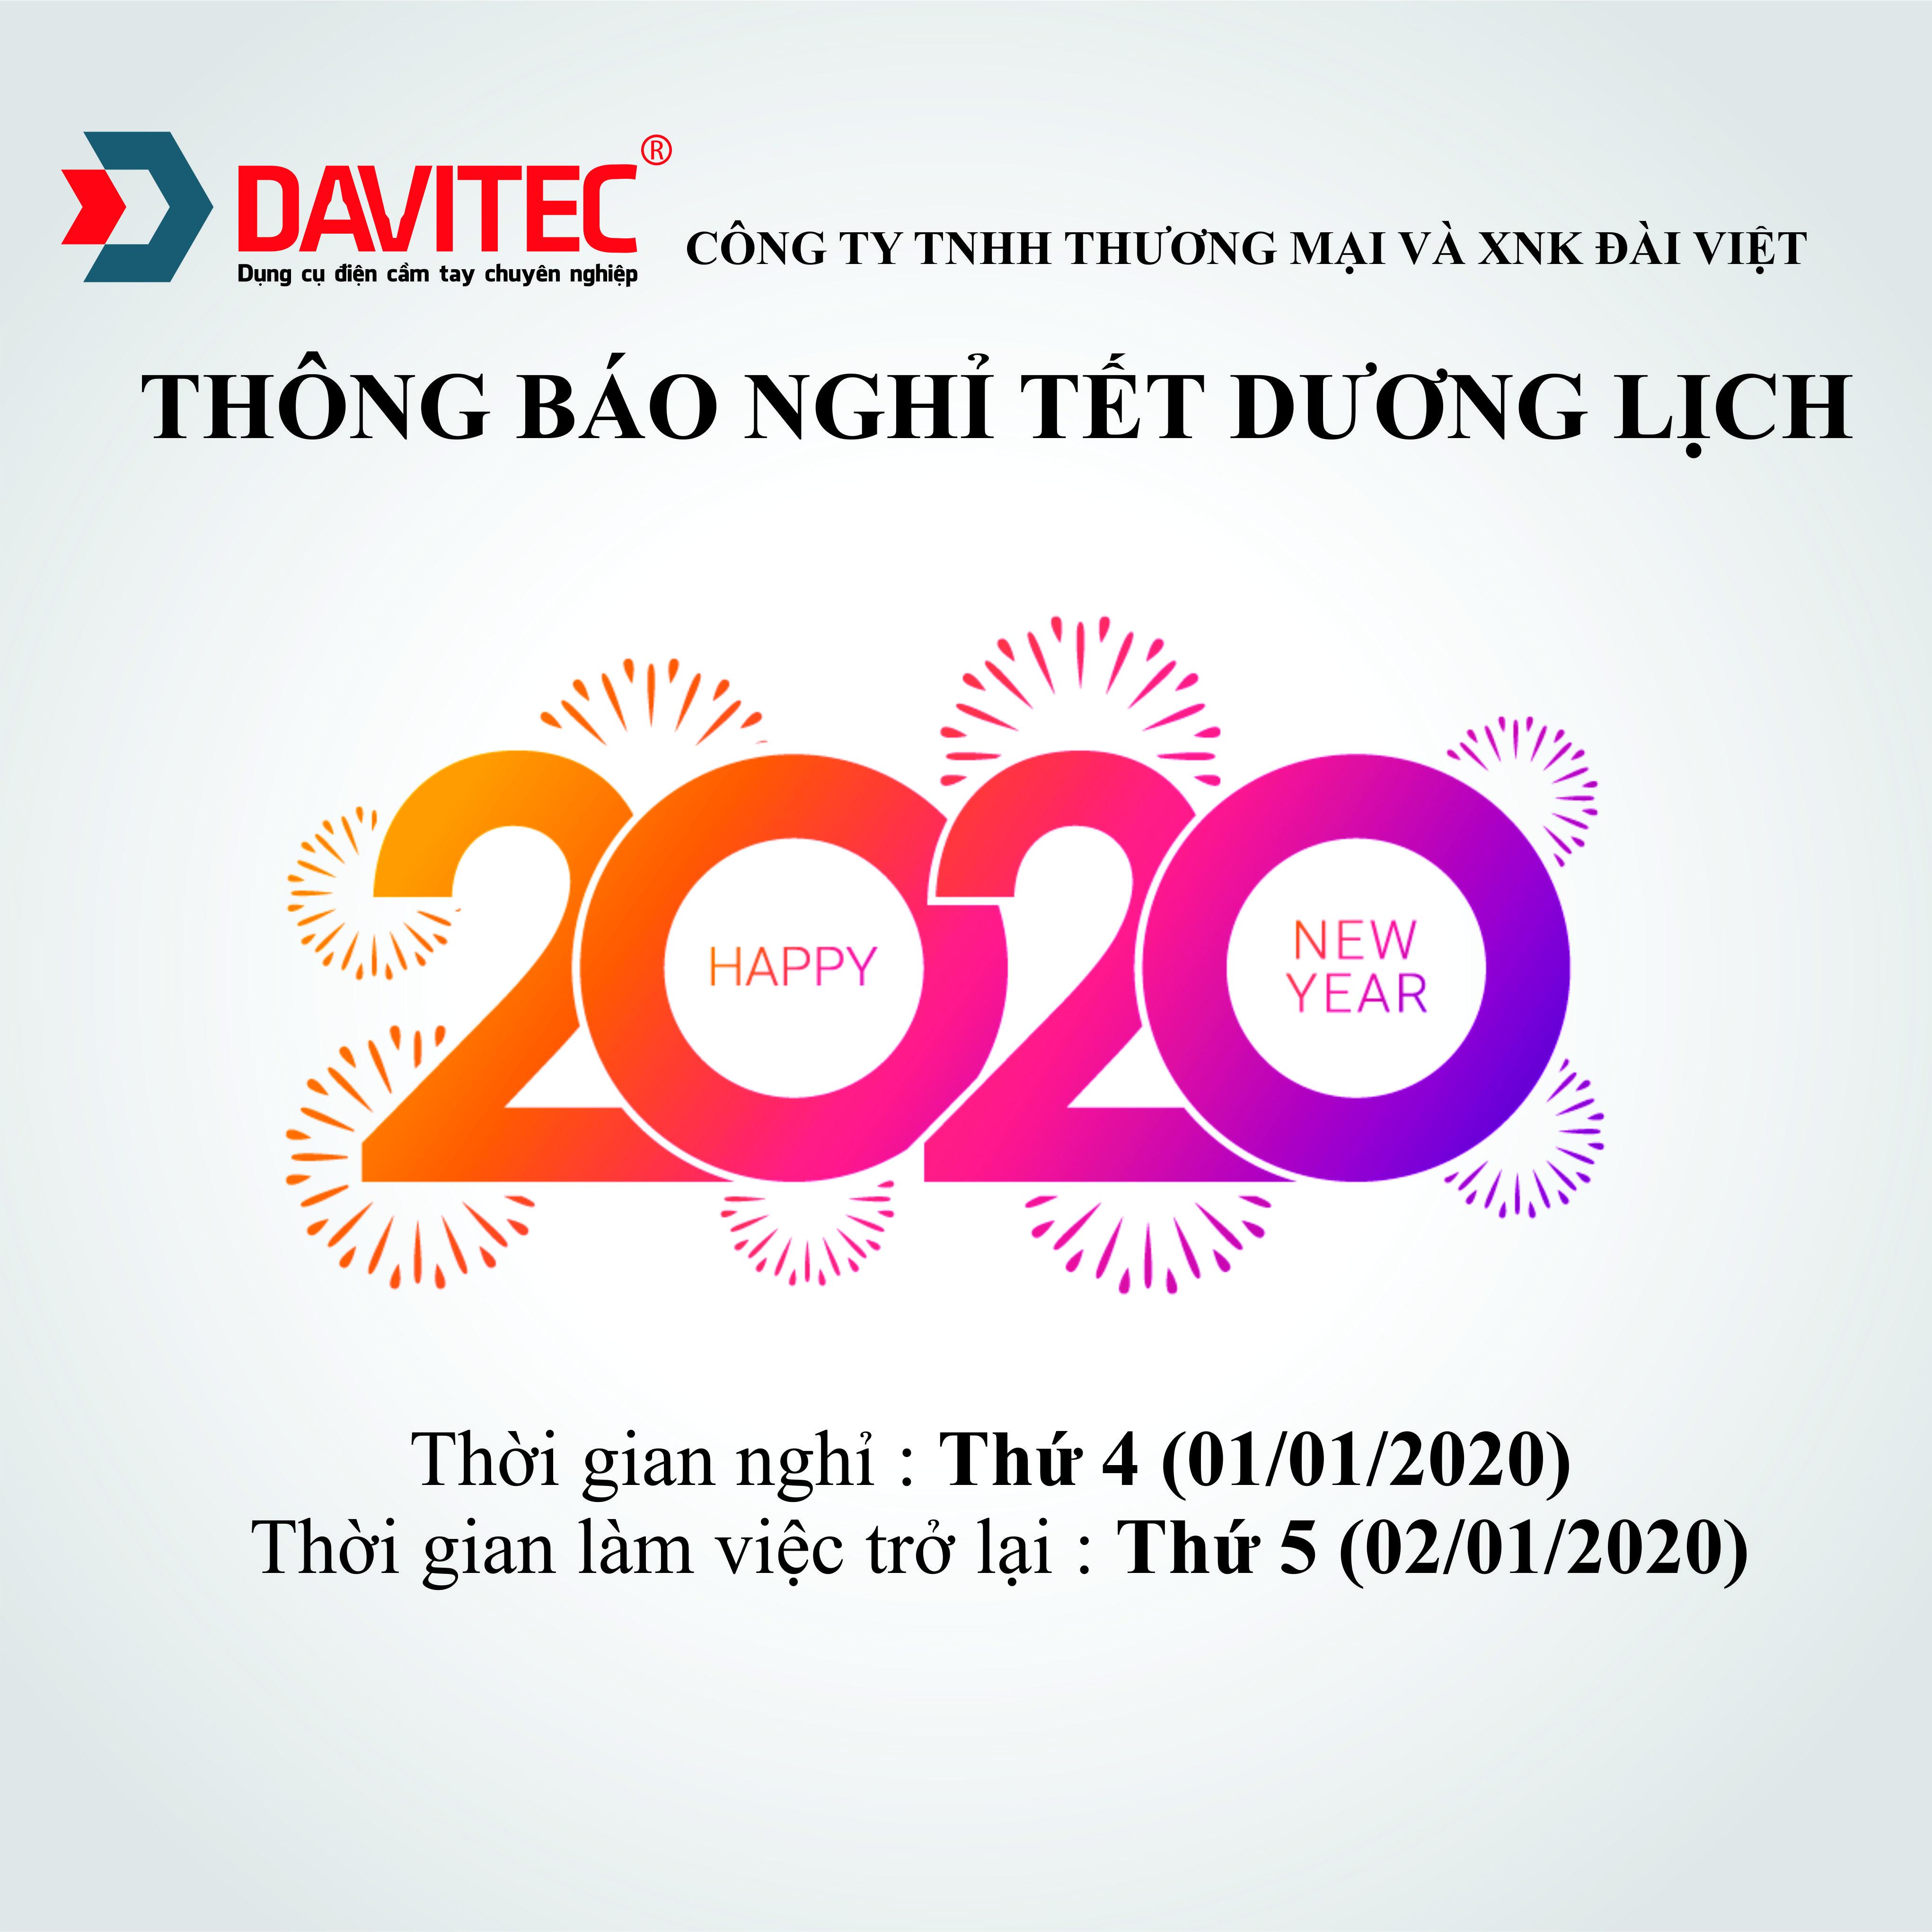 Lịch nghỉ tết Dương Lịch 2020